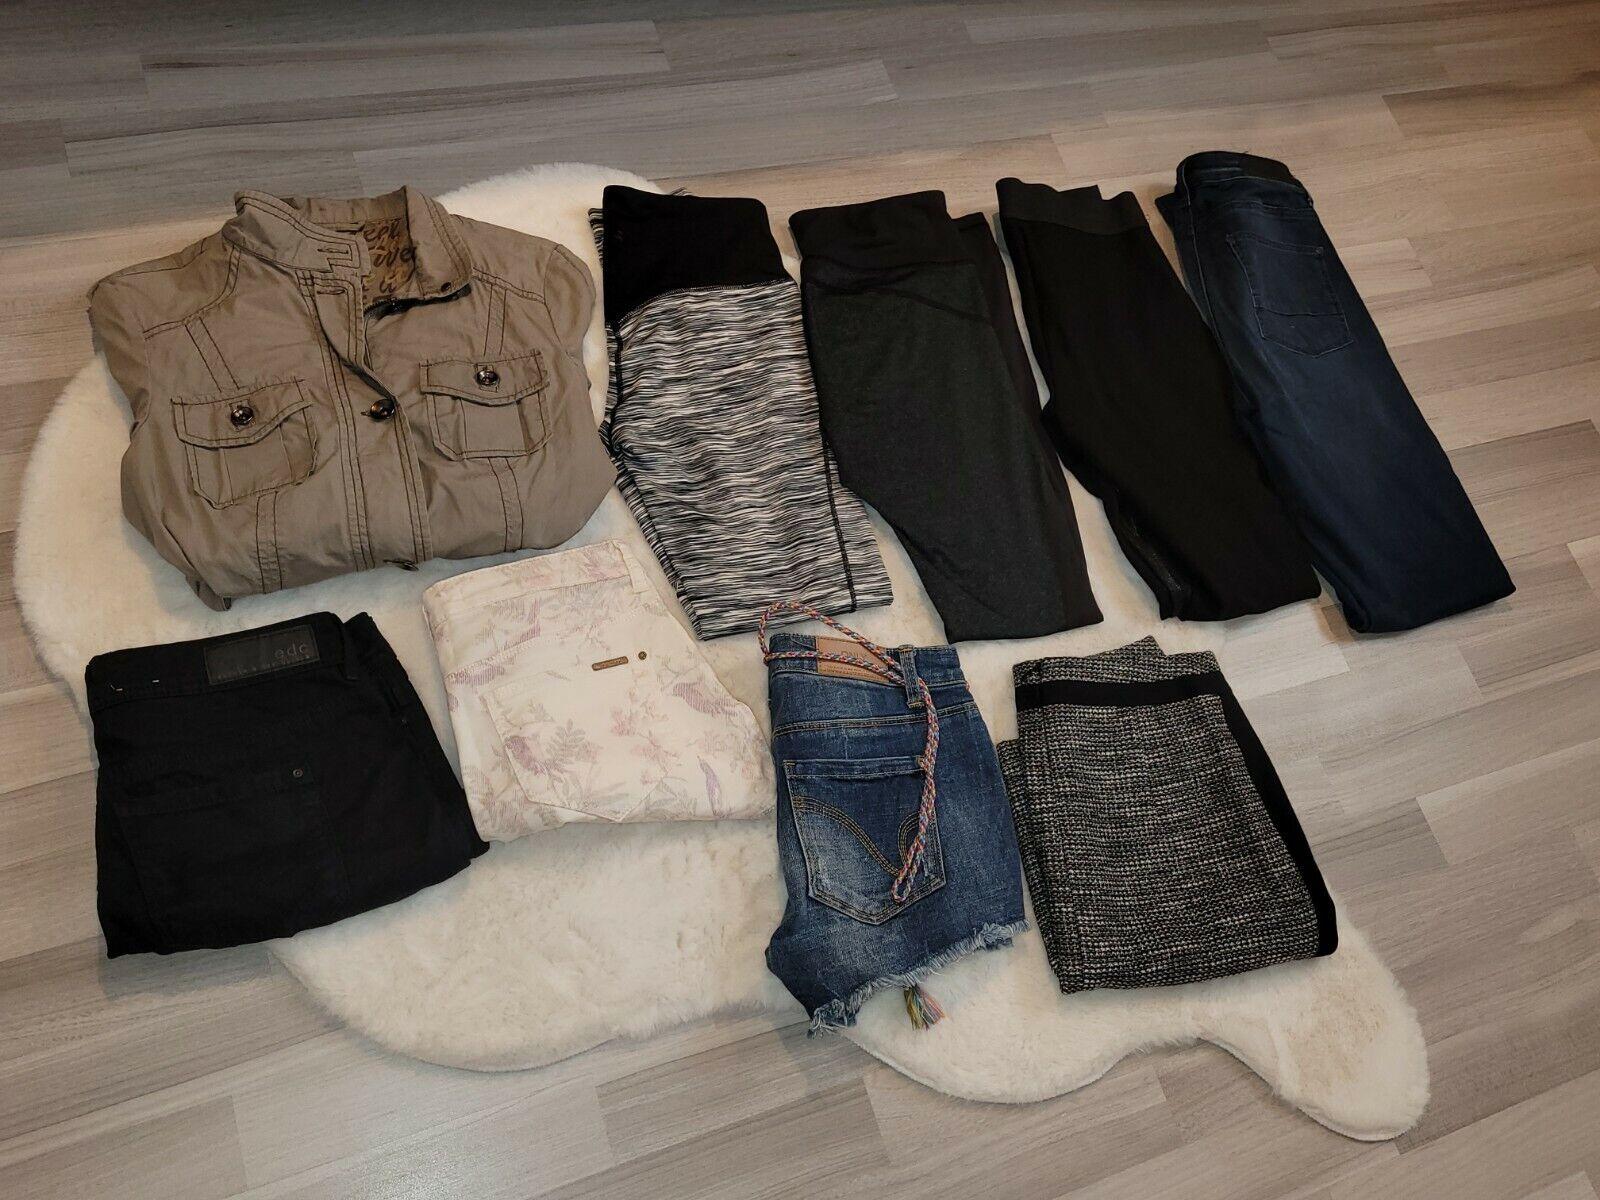 ❤ WIE NEU ❤ 9-teiliges Paket Gr. XS 34 Jeans Röcke Shorts Sporttights Esprit H&M